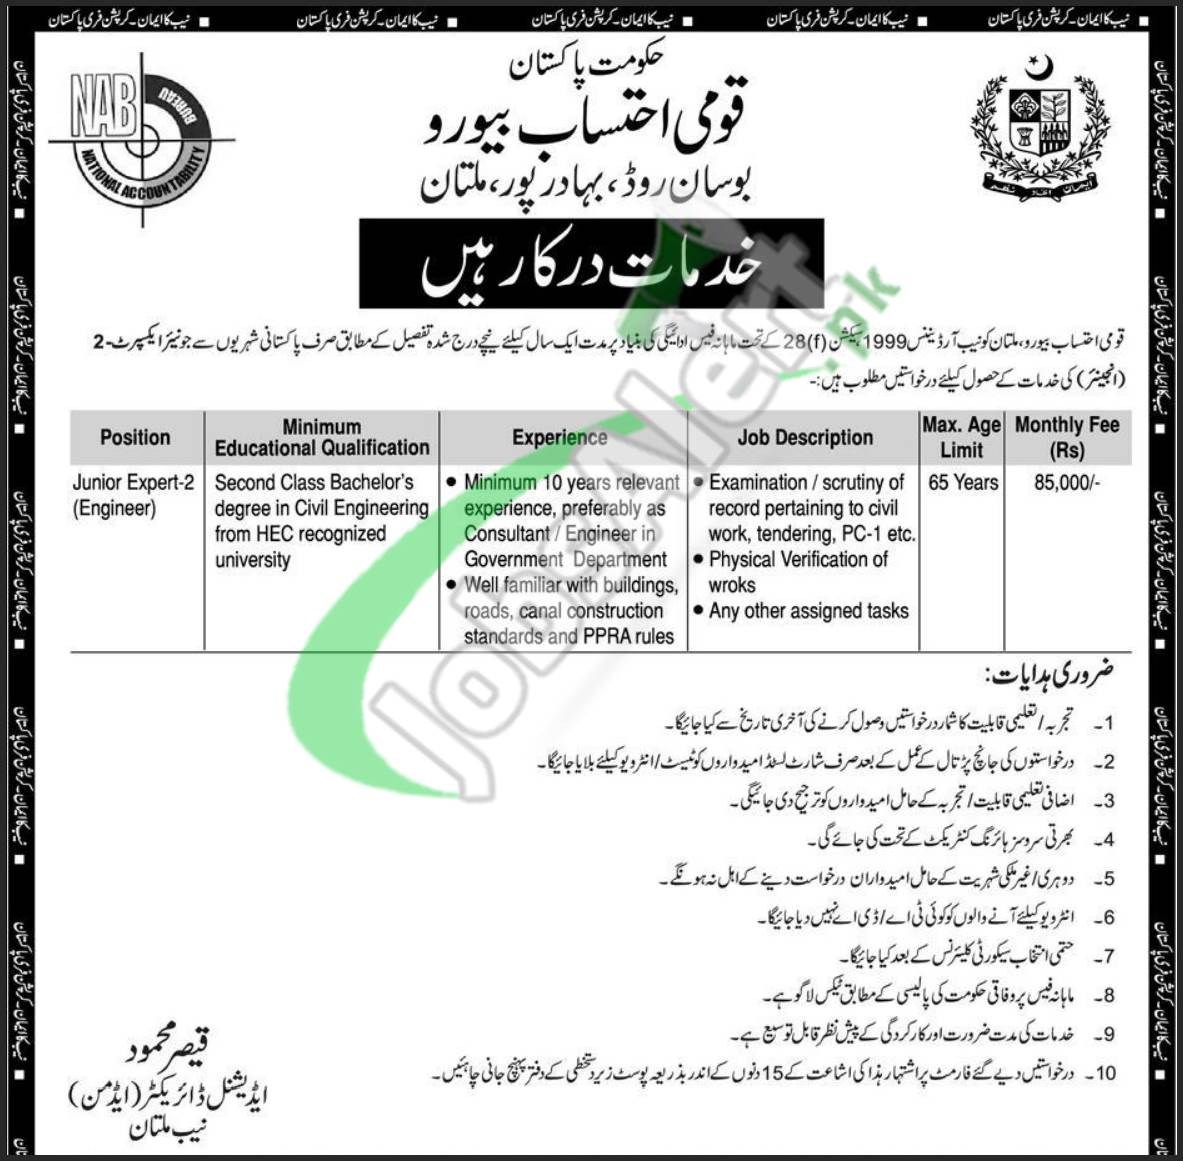 NAB Jobs in Multan 2019